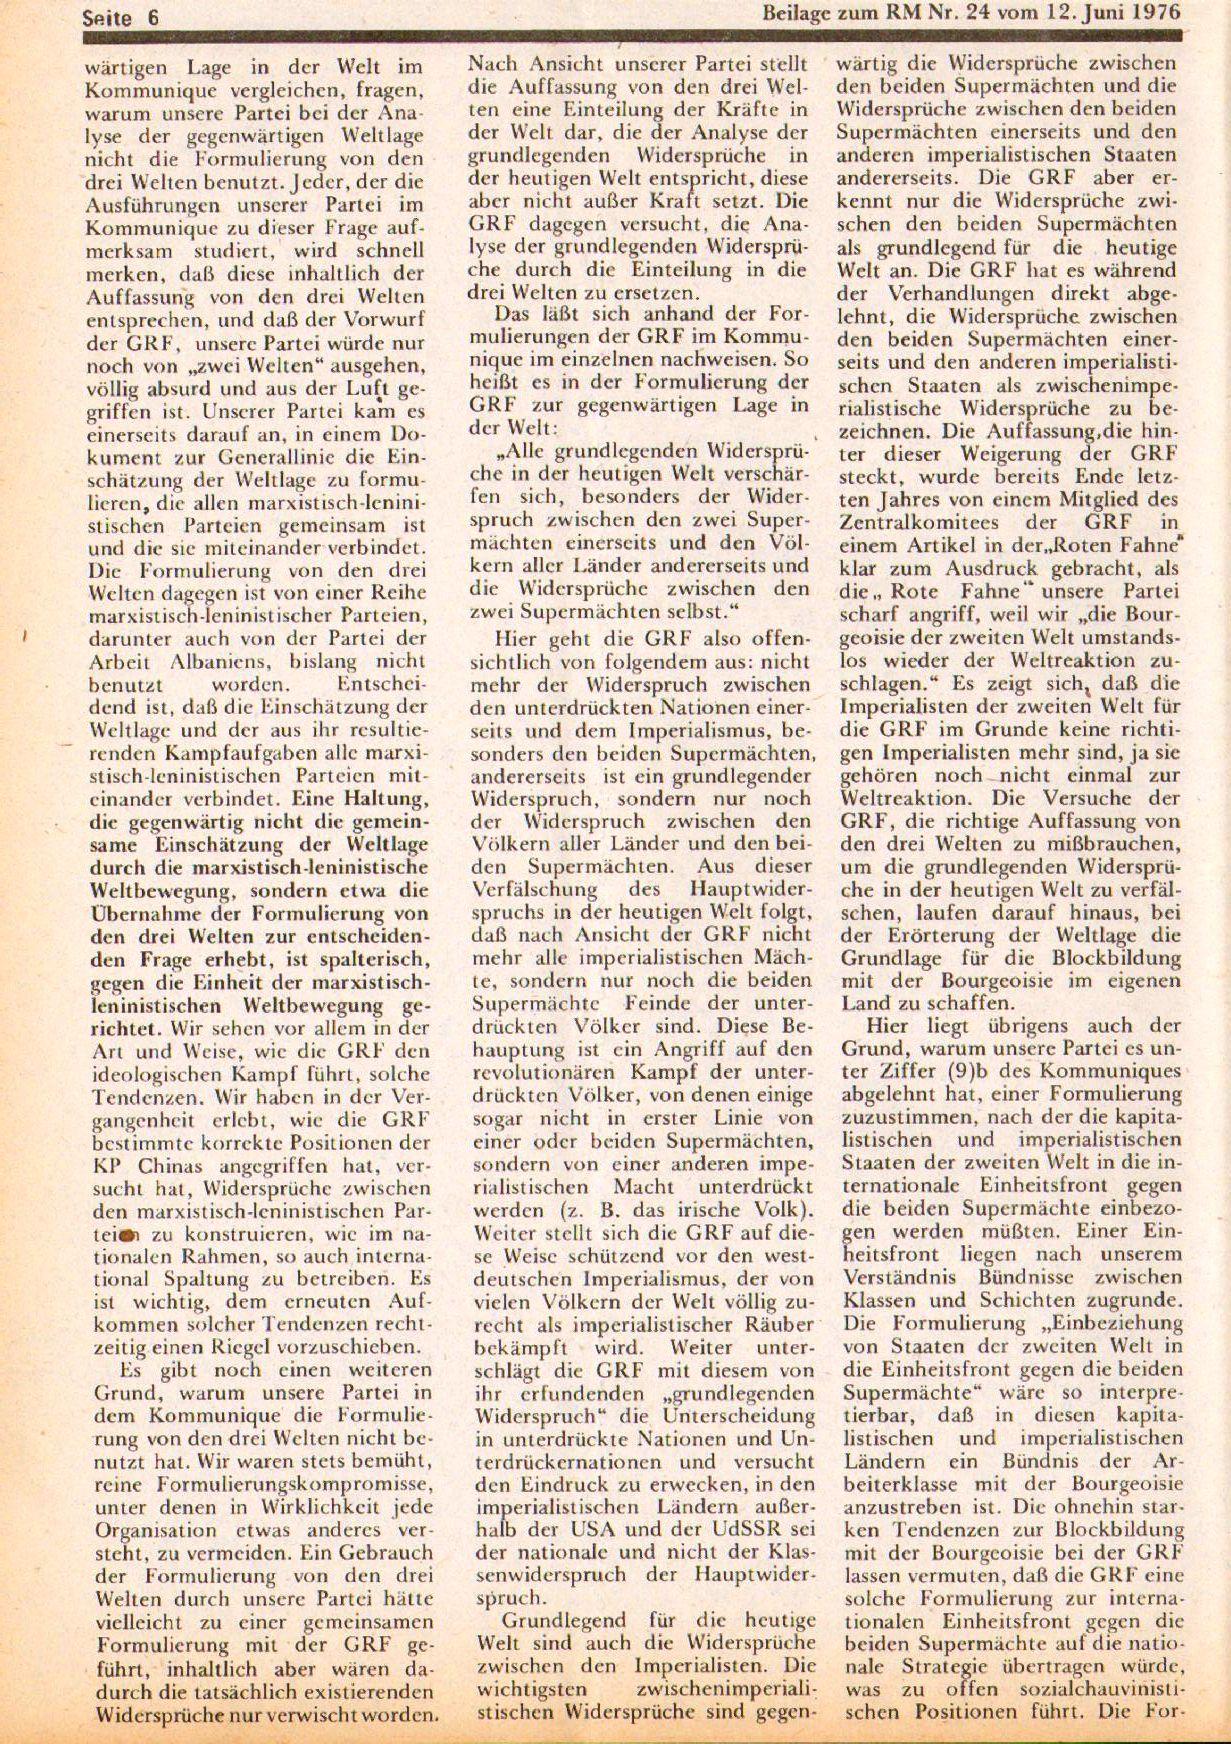 Roter Morgen, 10. Jg., 12. Juni 1976, Beilage: Zum Kommumique, Seite 6